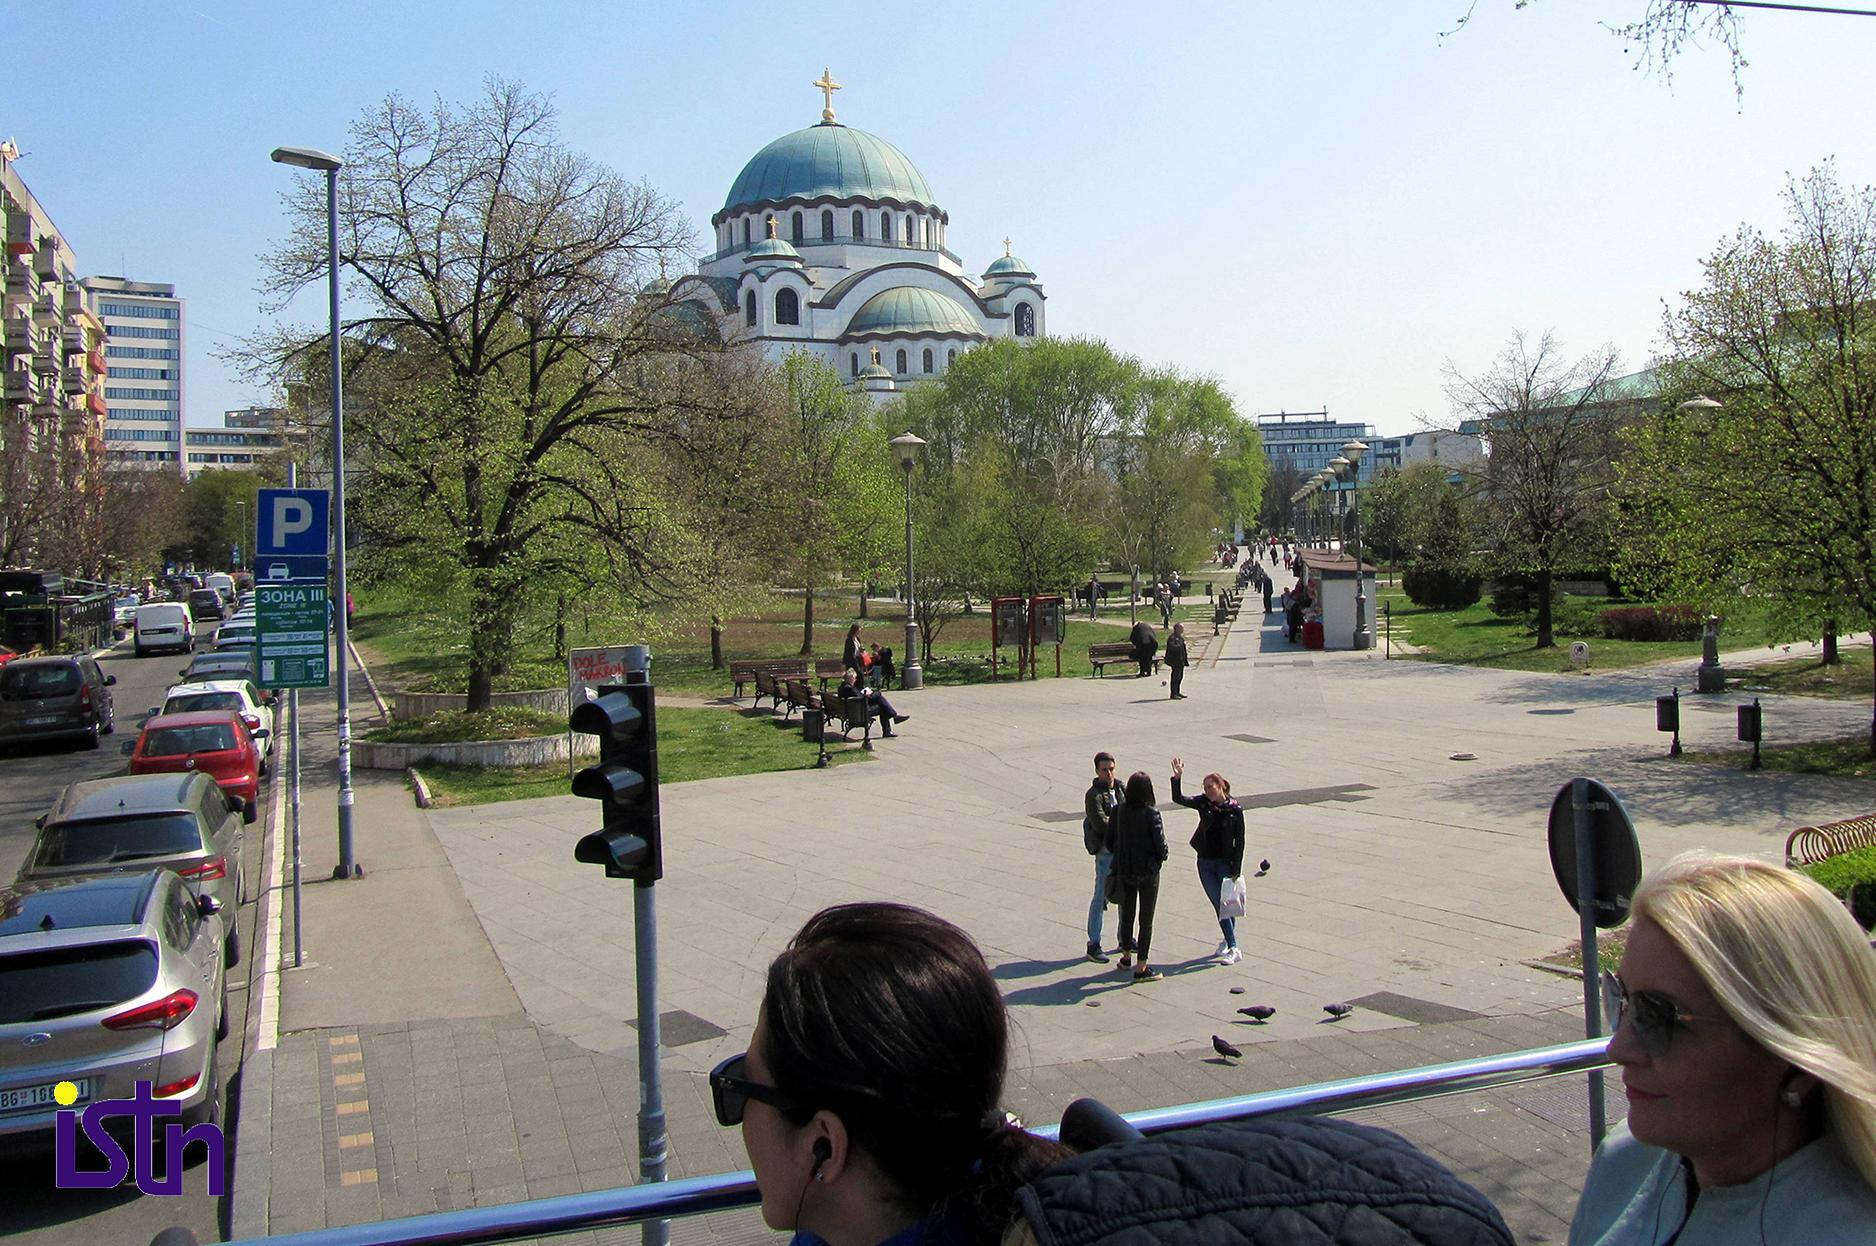 Razgledanje Hrama Svetog Save u Beogradu iz otvorenog autobusa, istn